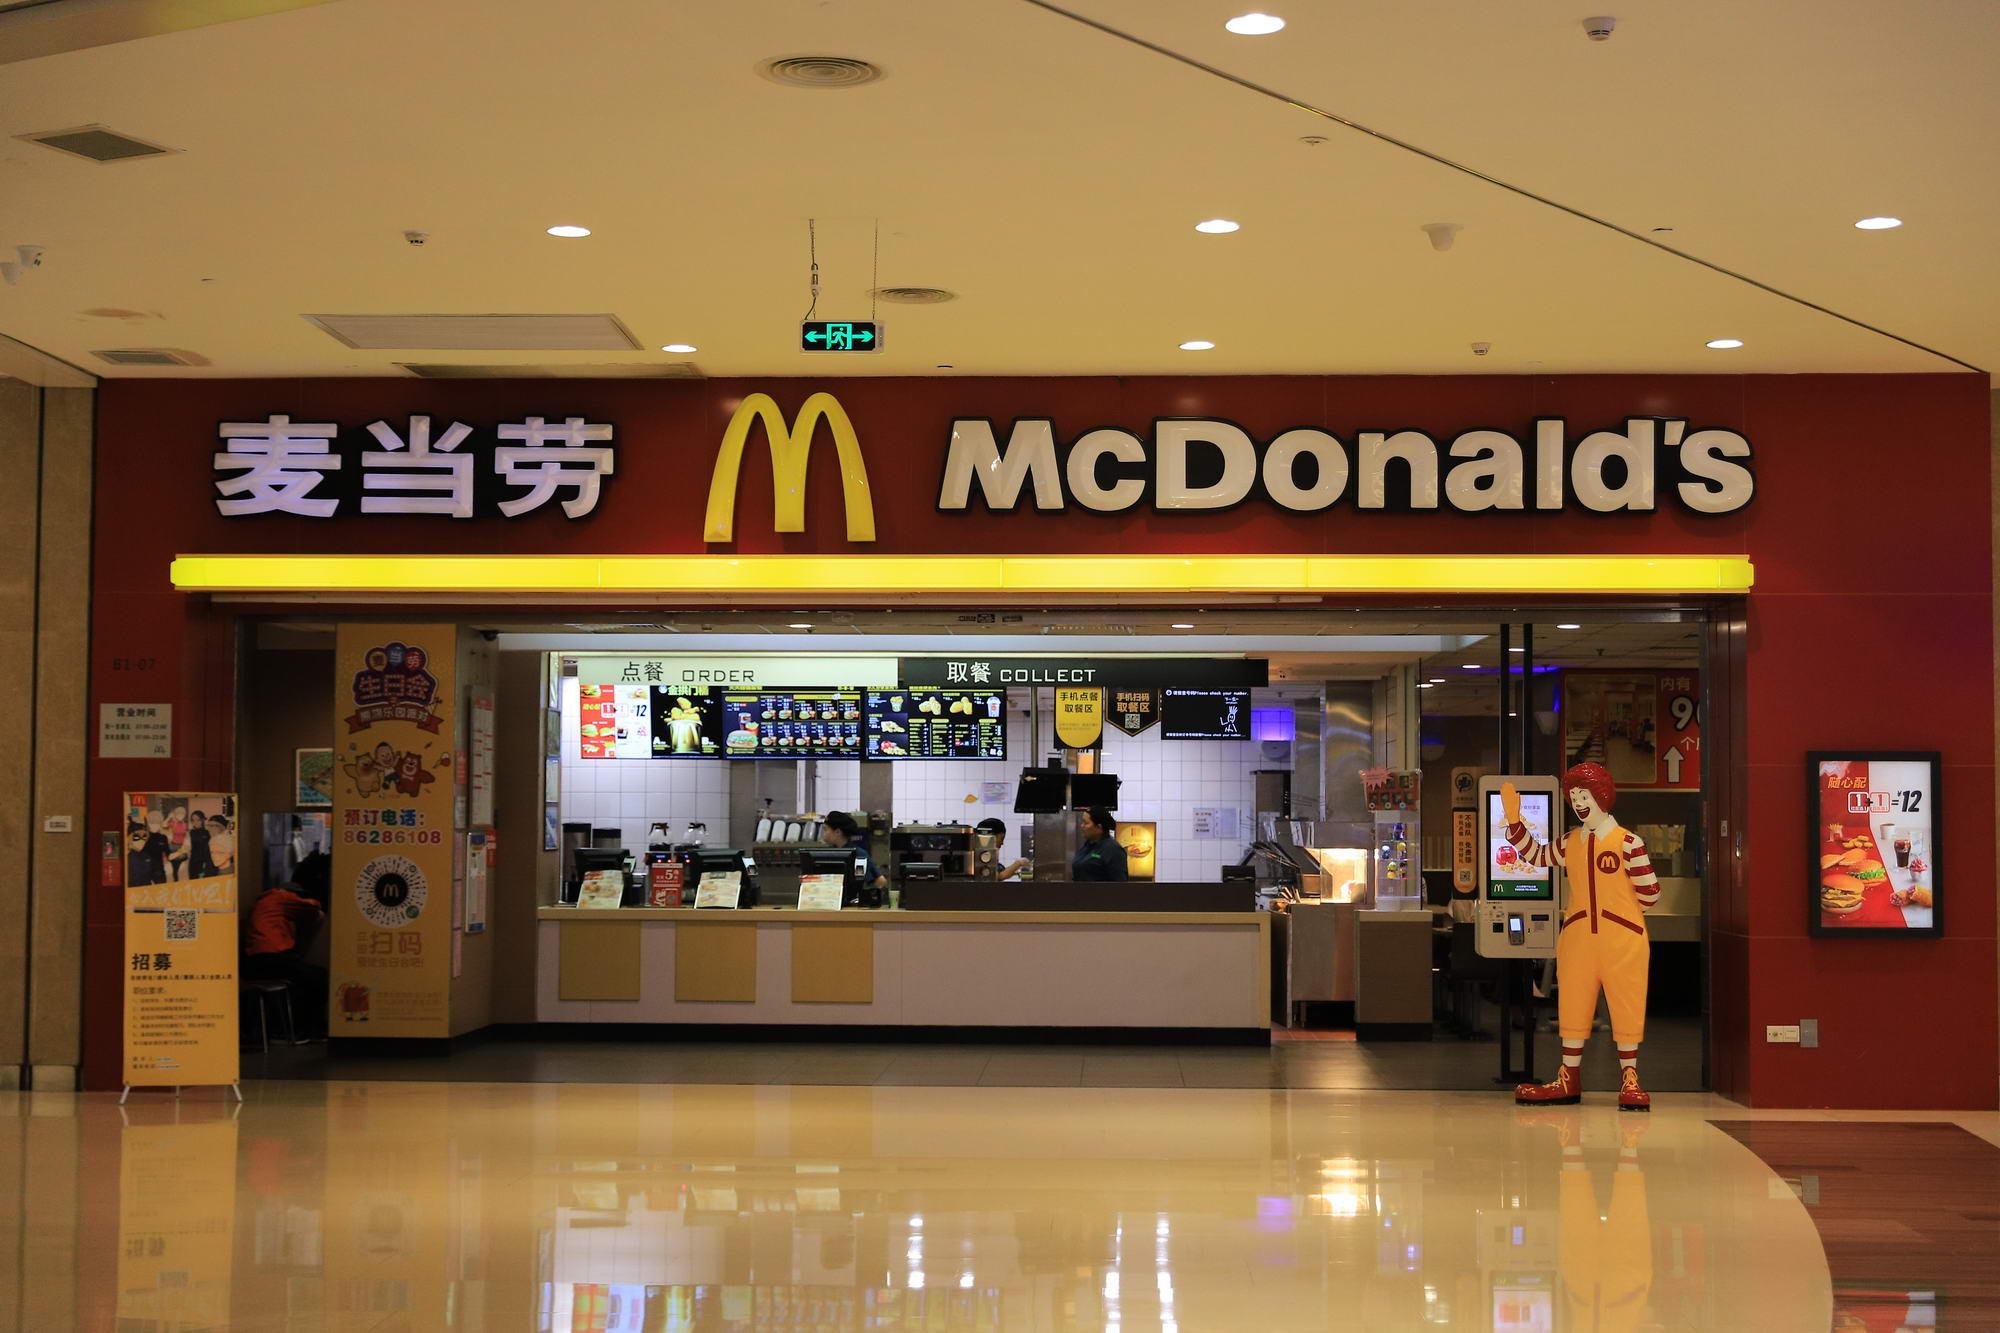 麦当劳阿里全域构成合作, 官方会员店开放